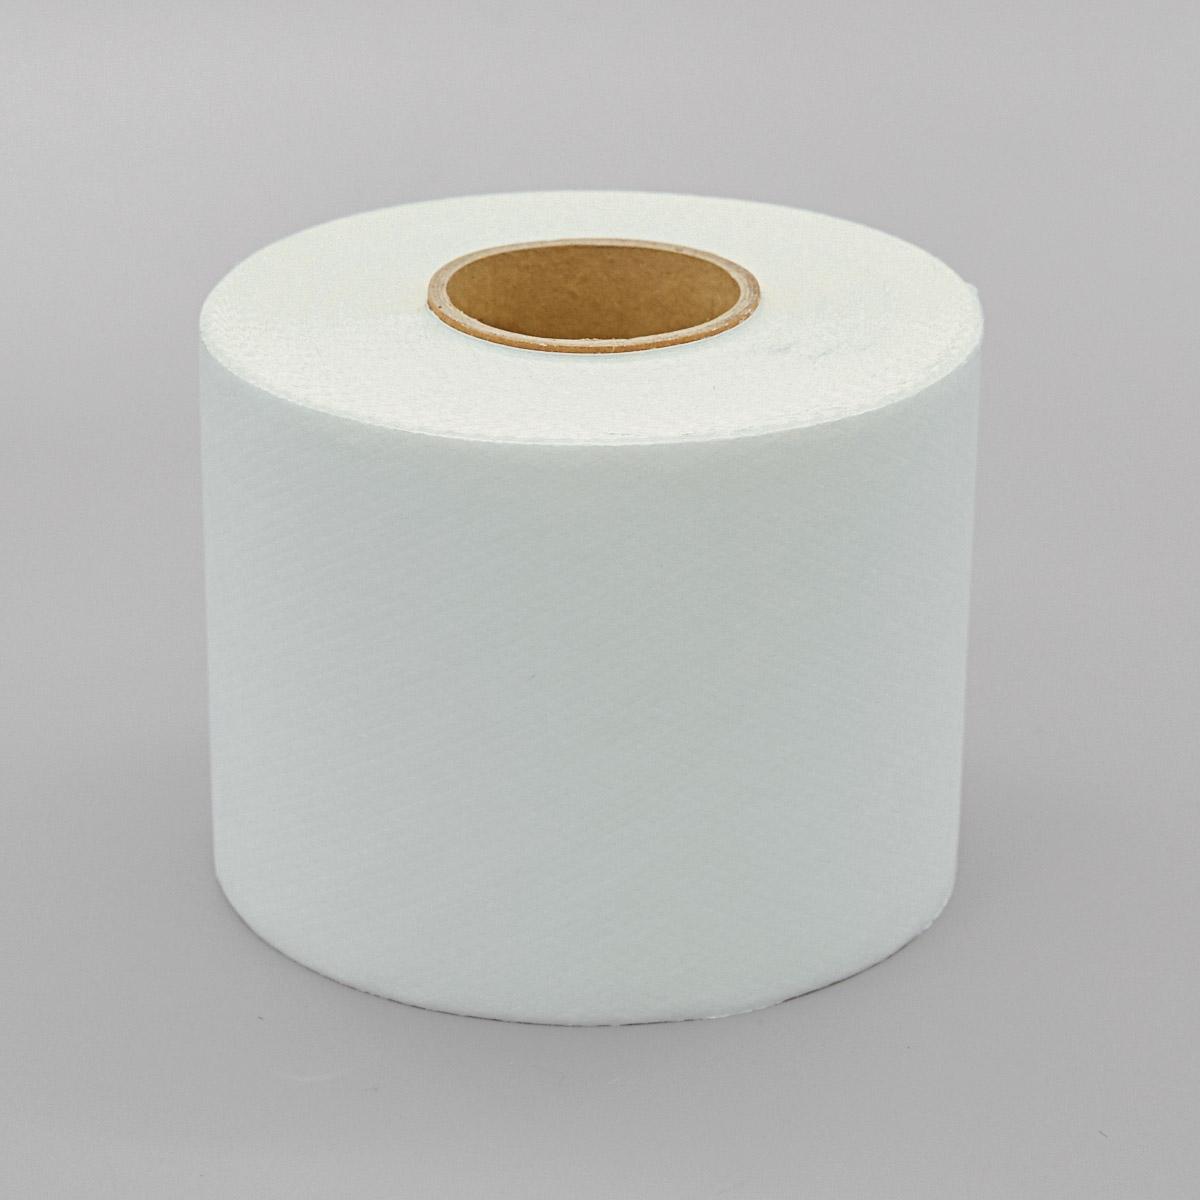 Паутинка на бумаге 100мм*50м 0531-1001, белая